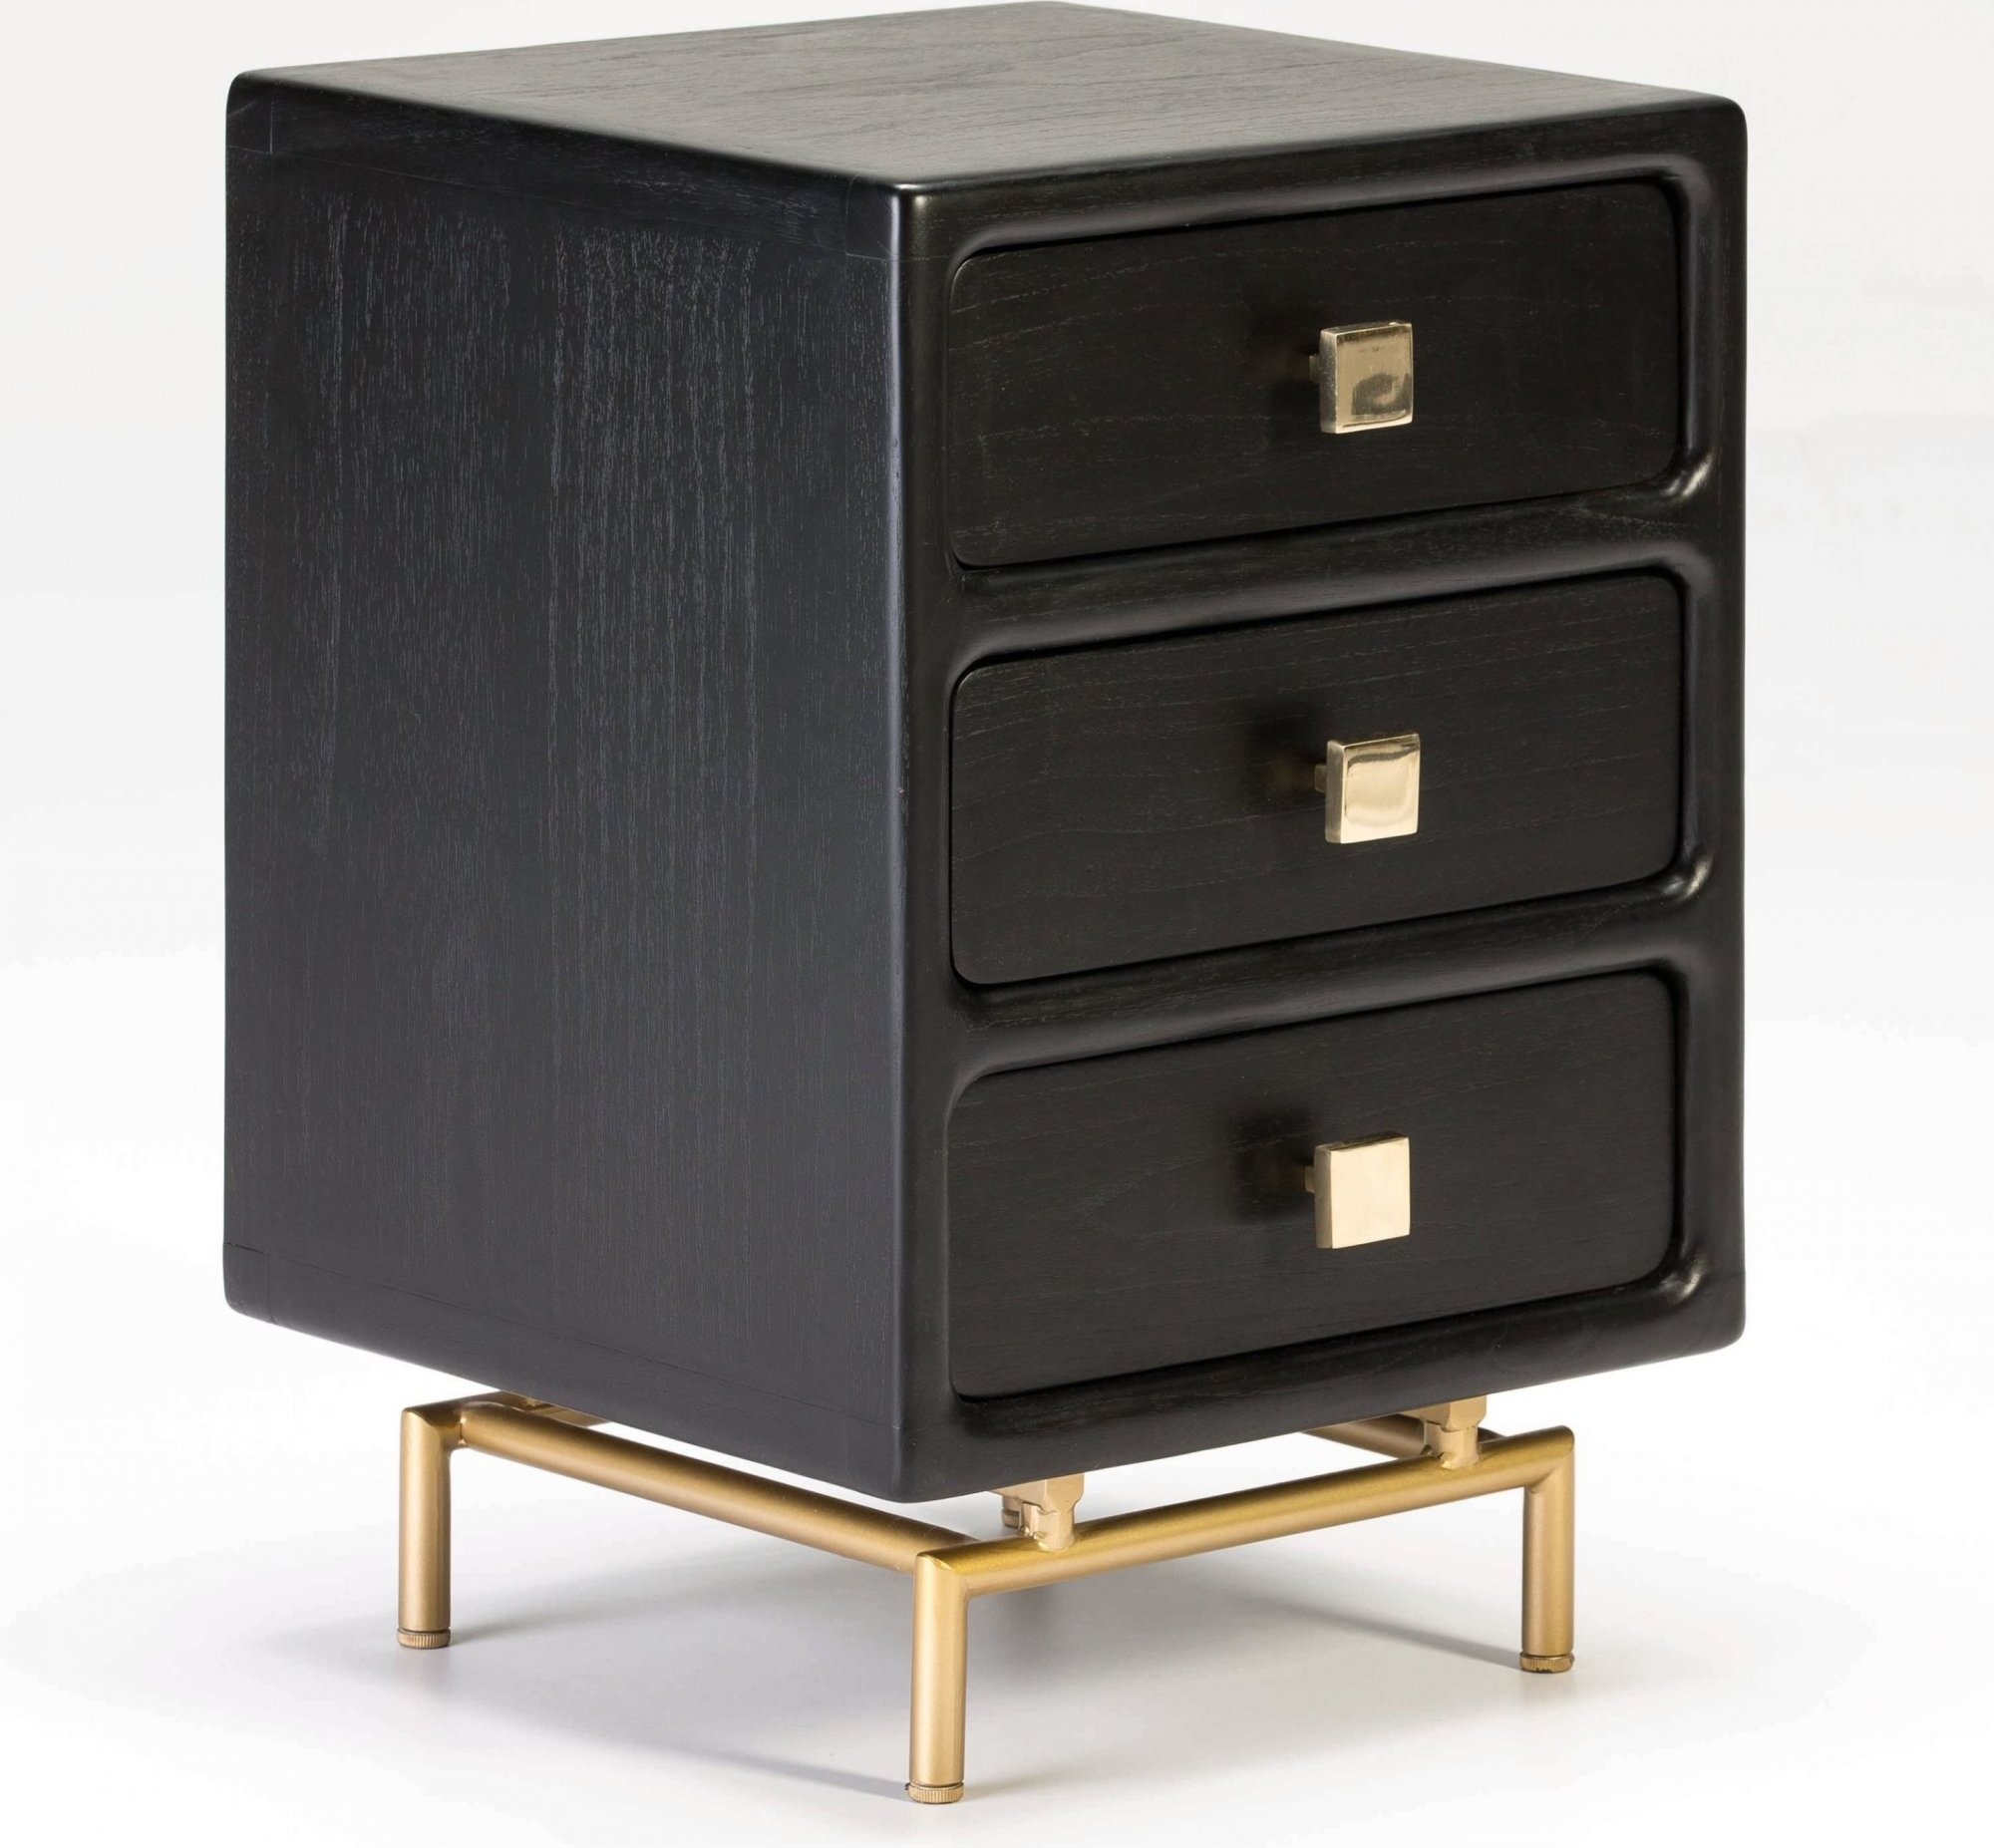 Table de chevet 3 tiroirs en bois teinté noir et doré